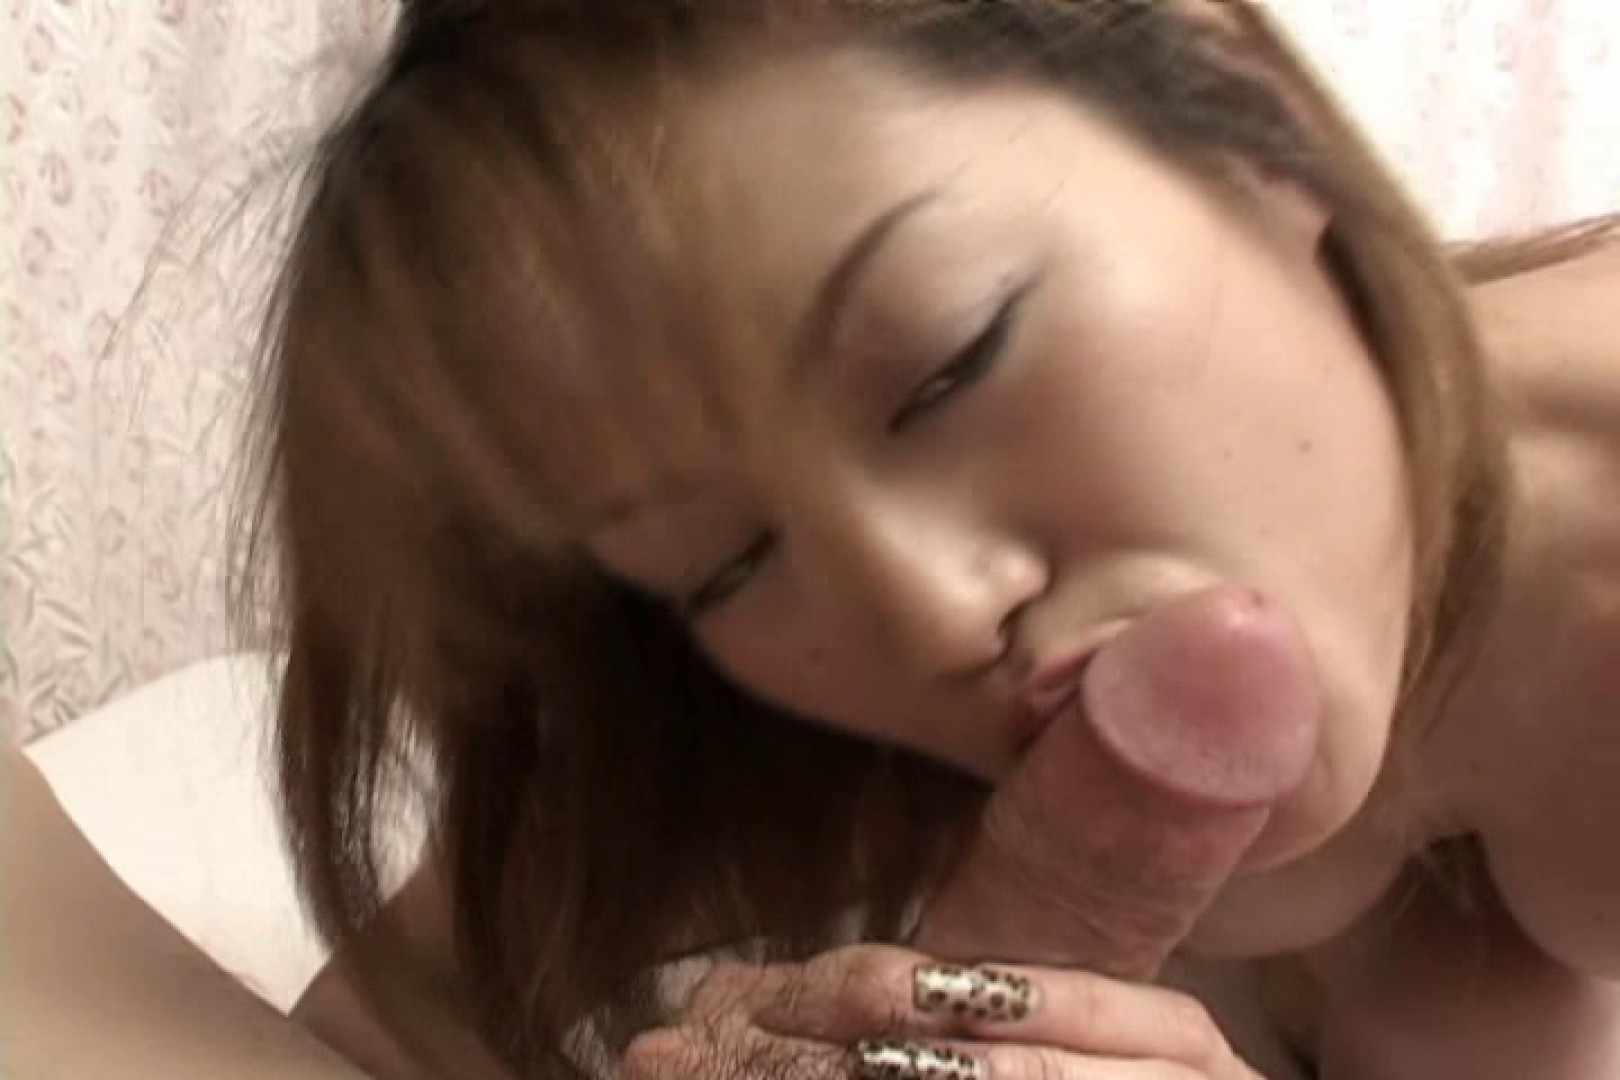 美巨乳の素人嬢とハメ撮りセックス~桜田けいこ~ テクニック AV無料 83PIX 6